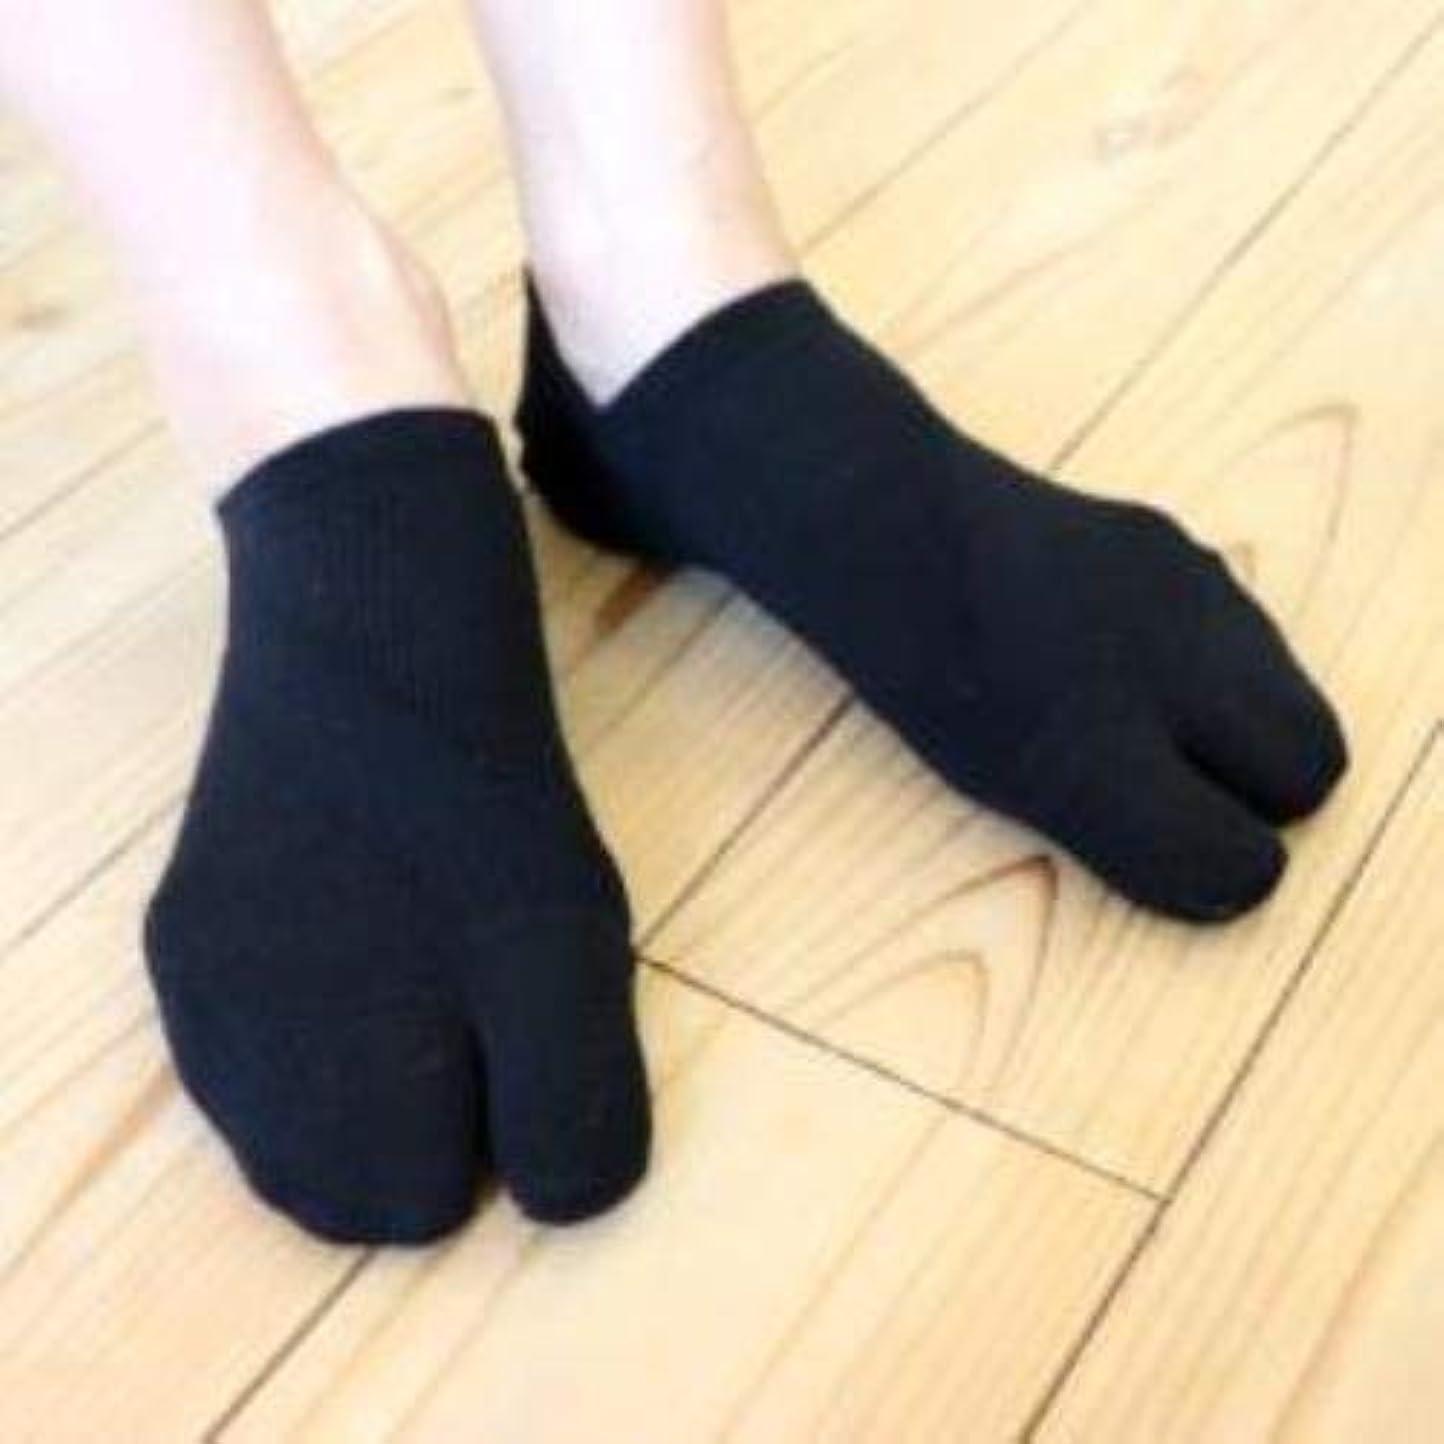 さとう式 フレクサーソックス スニーカータイプ 黒 (L) 足袋型